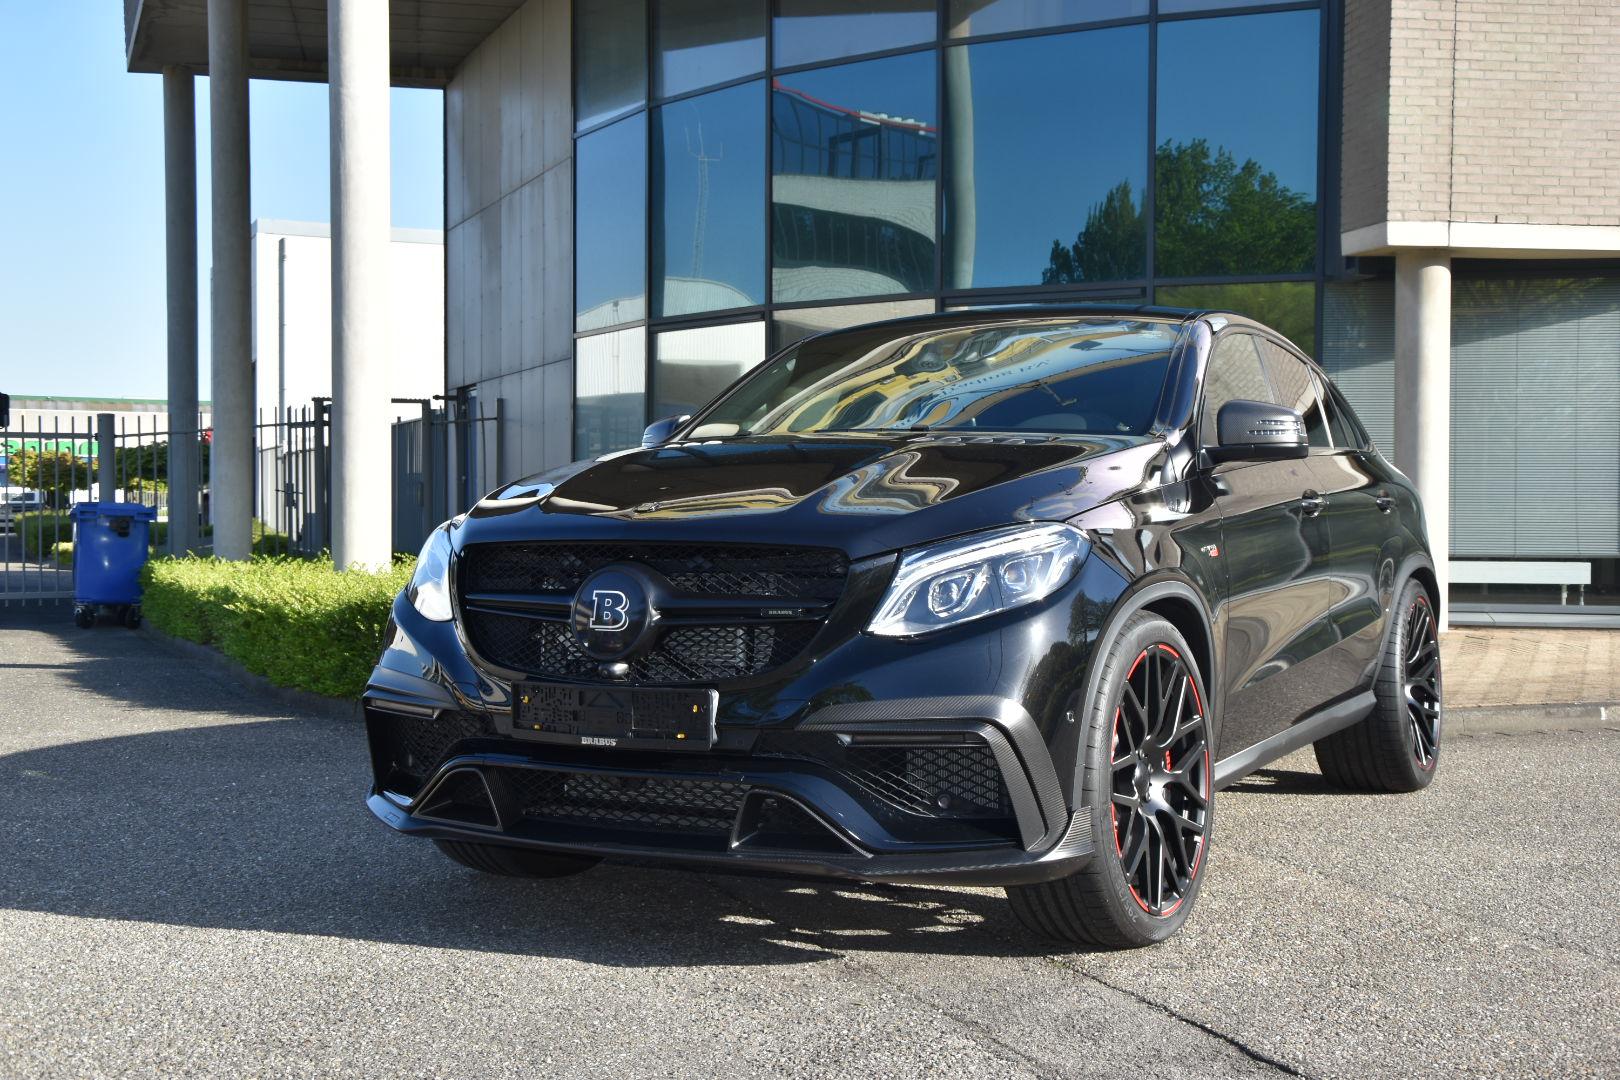 Mercedes Brabus GLE Coupe 850